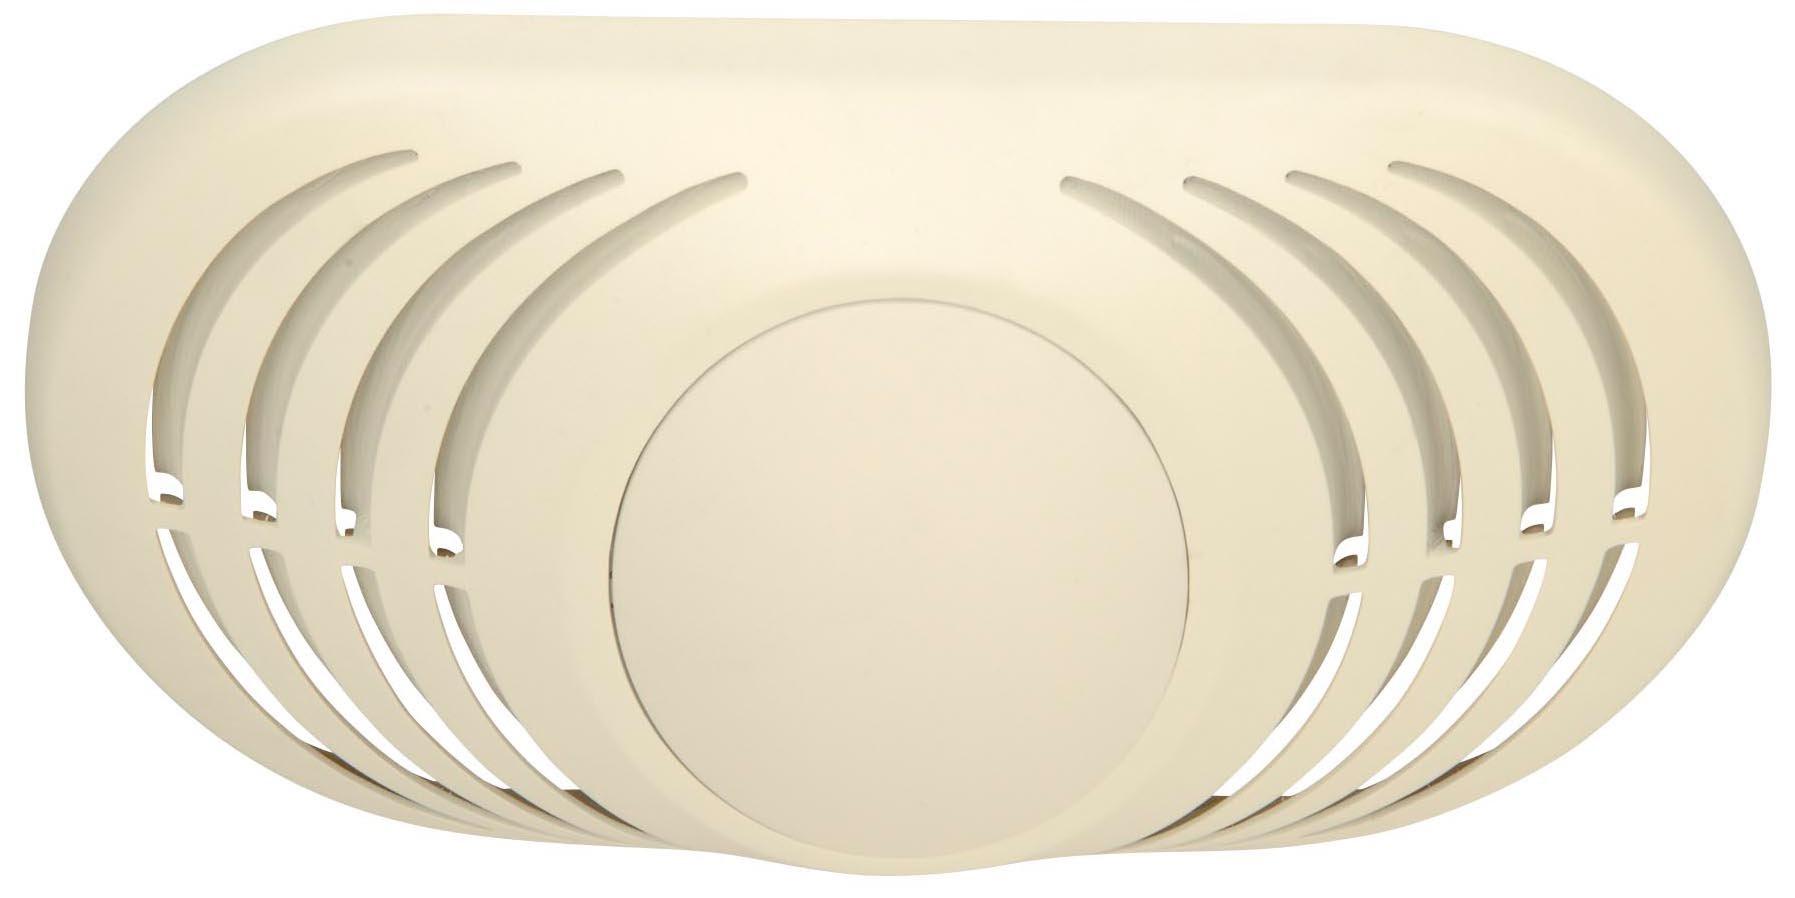 Craftmade  TFV150S 150 CFM Silent Fan, Designer White